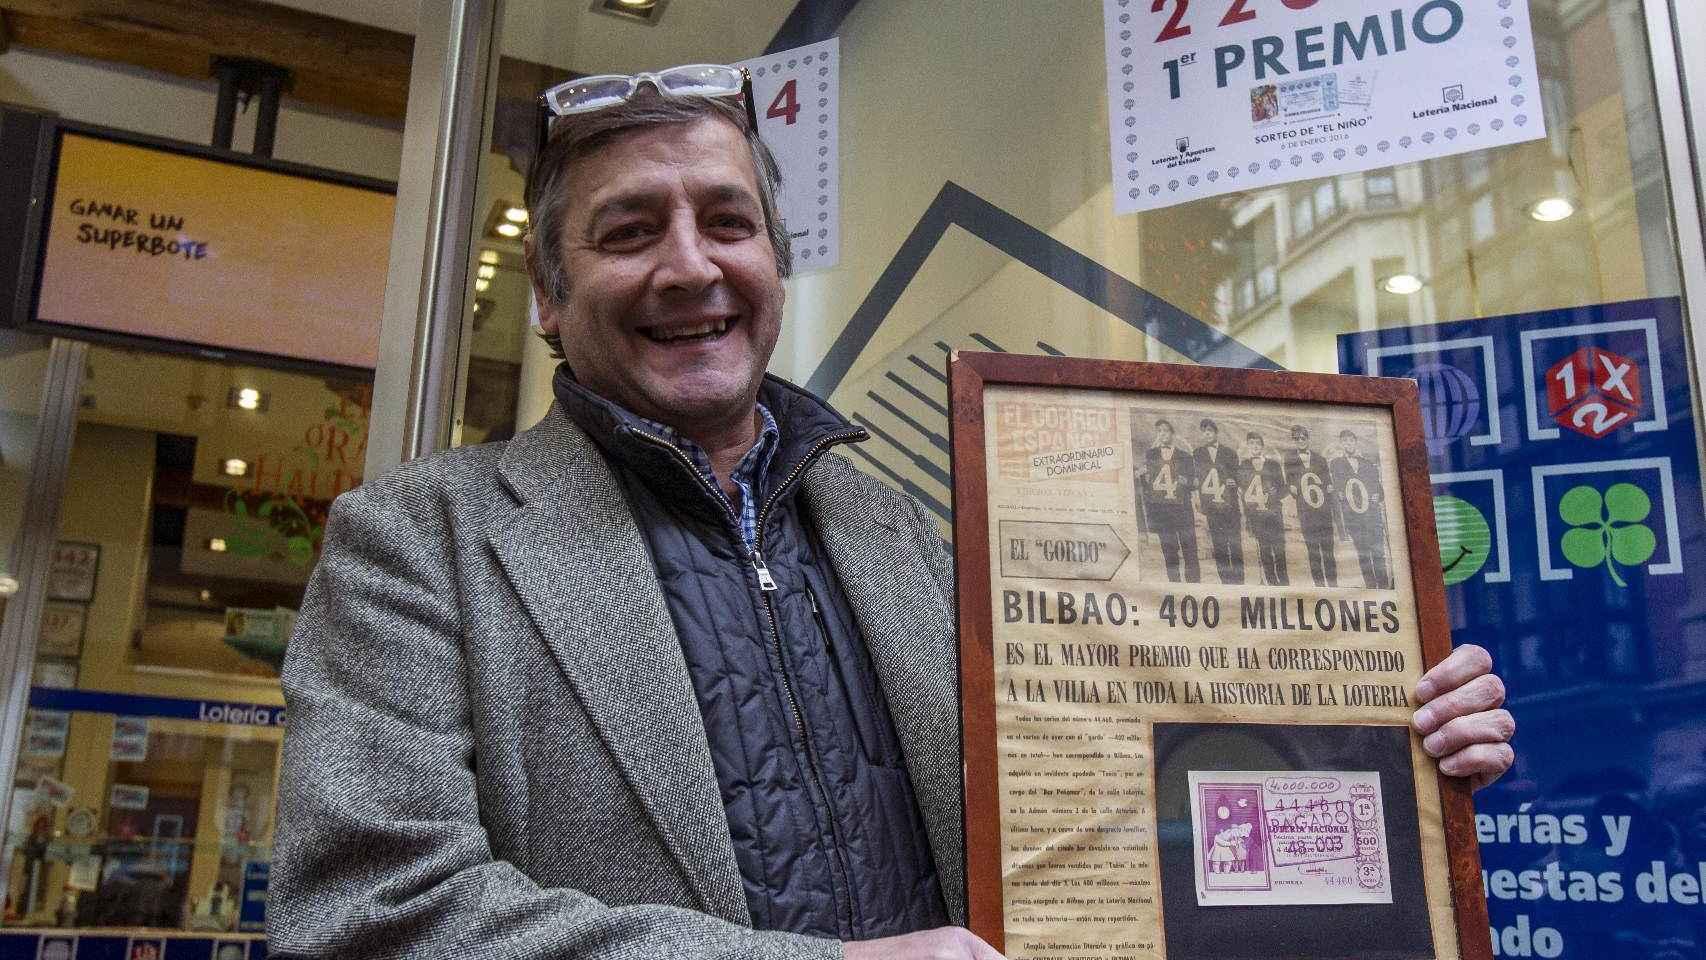 El titular de la administración número 25 de Bilbao Lotería los 400 millones, Iñigo Gómez Barrengoa.